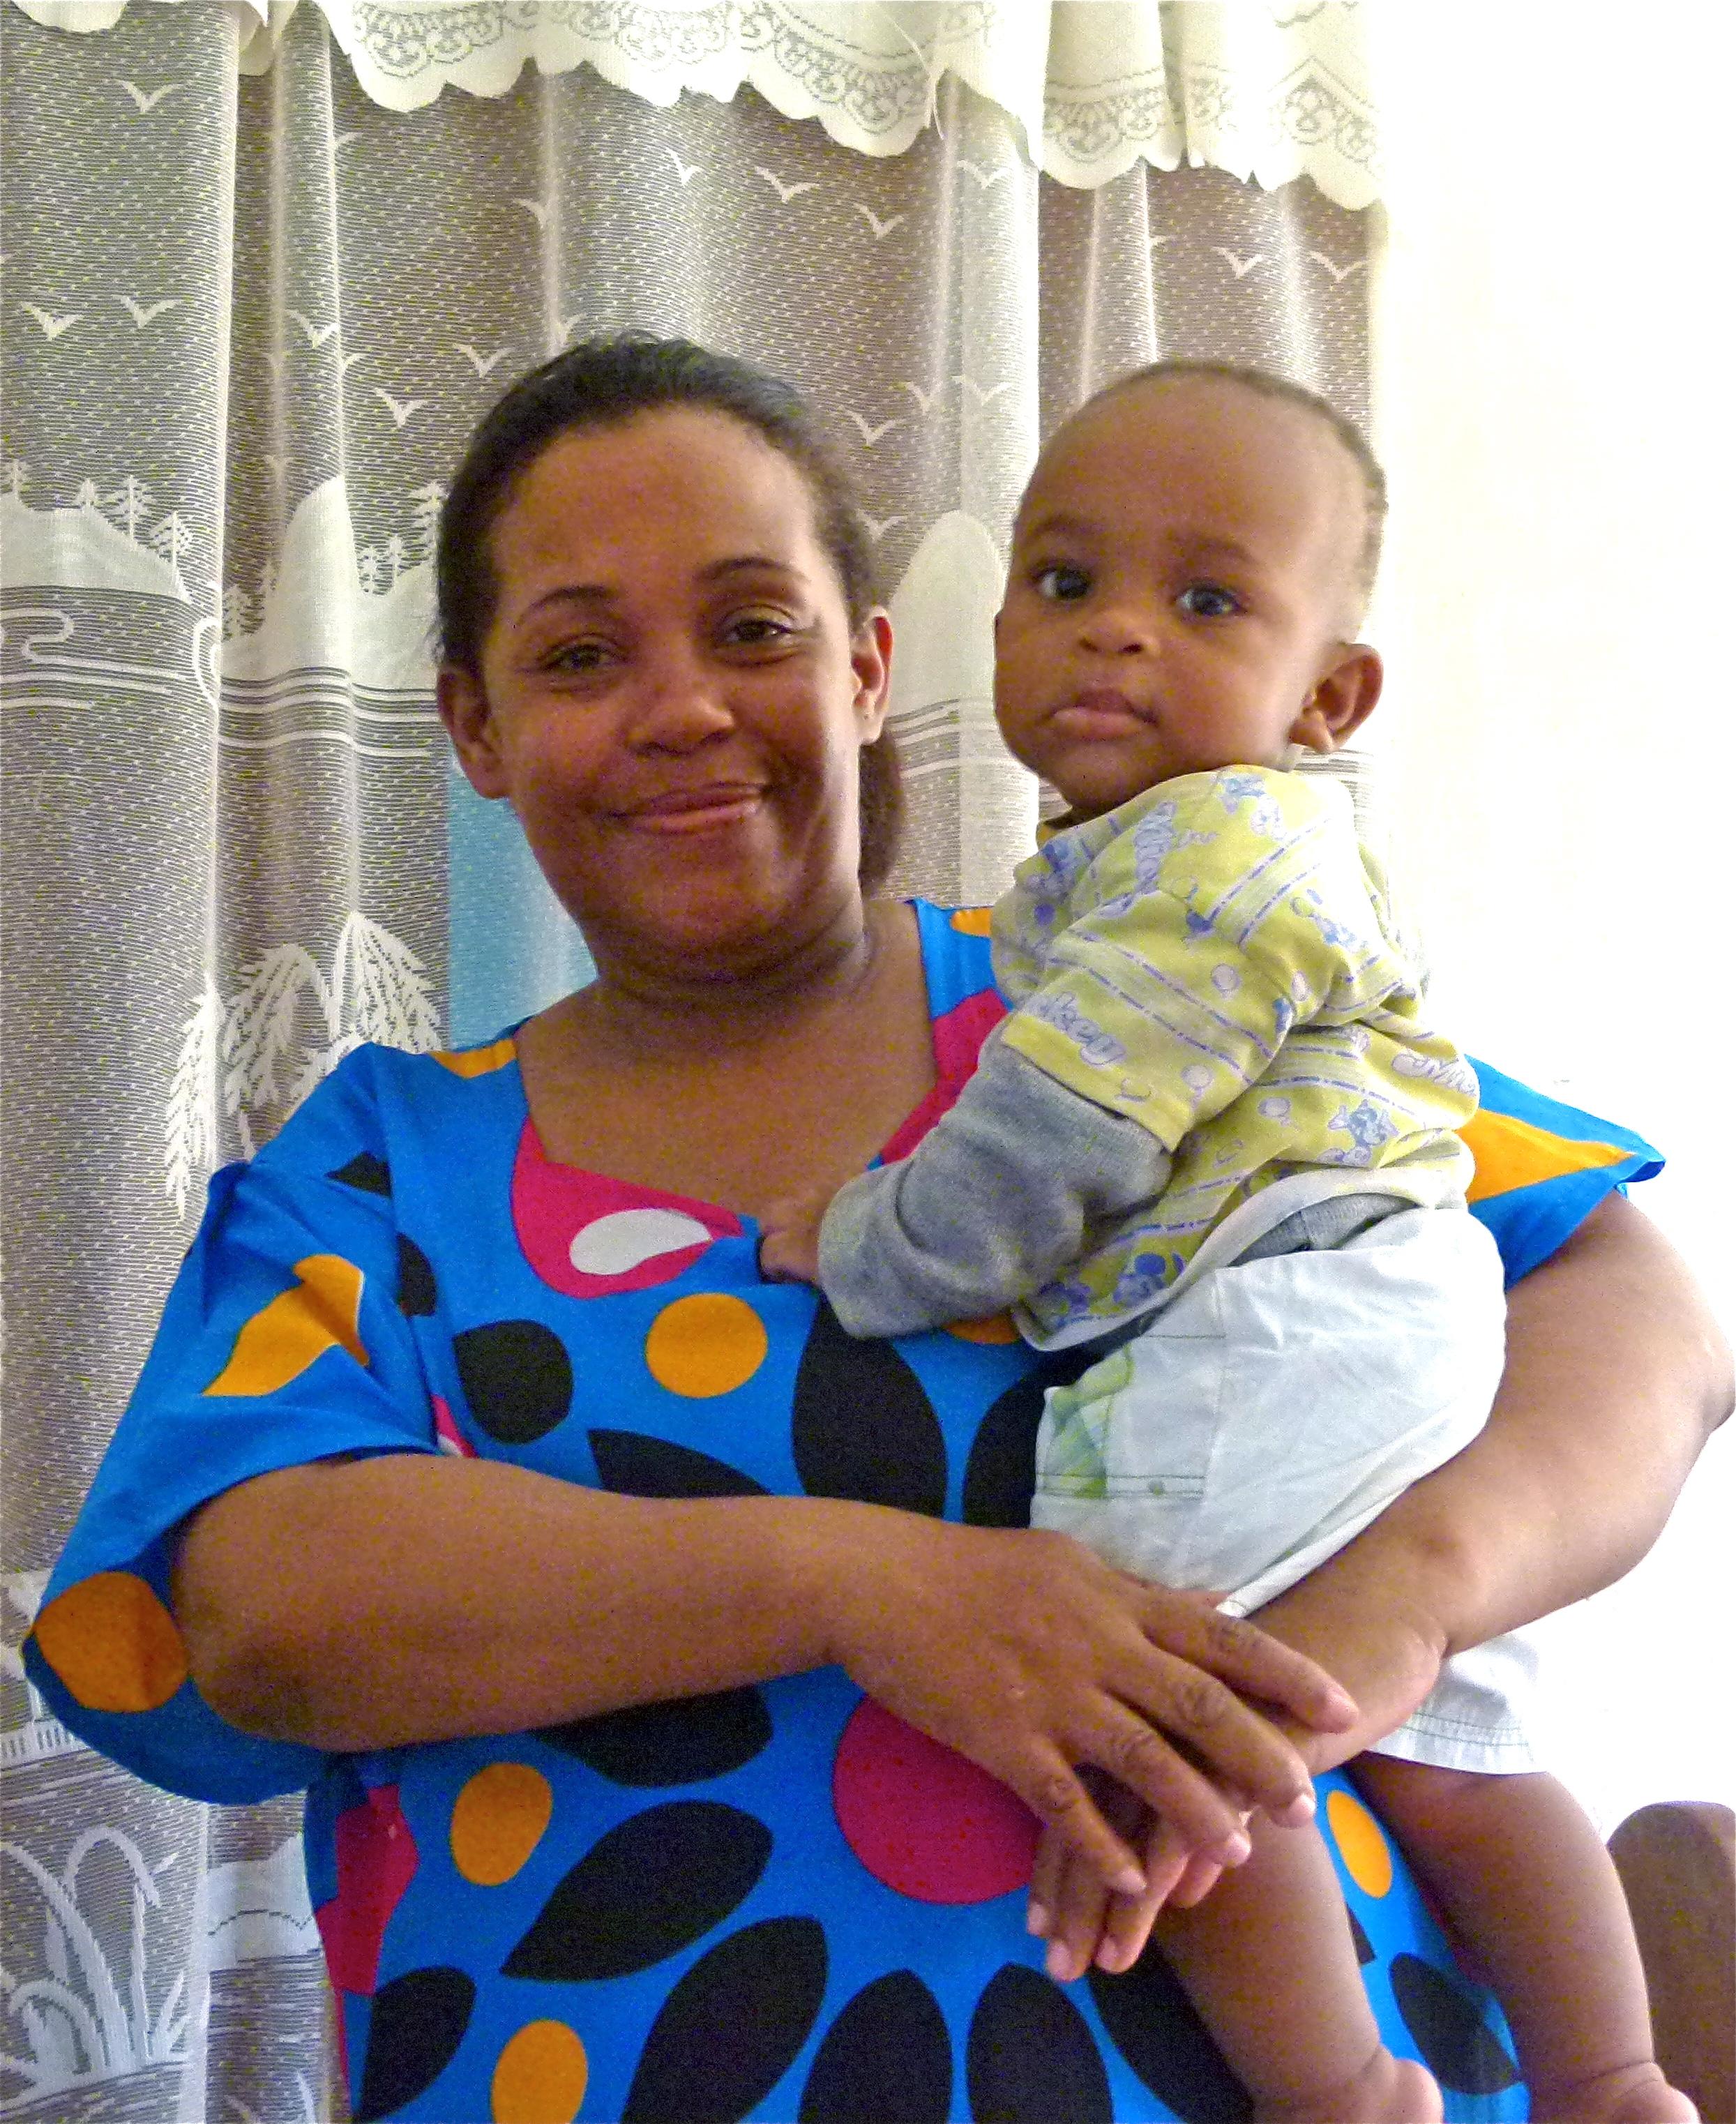 Eine stolze Sansibari aus der Gehörlosen-Gemeinschaft trägt ihren kleinen Sohn am Arm